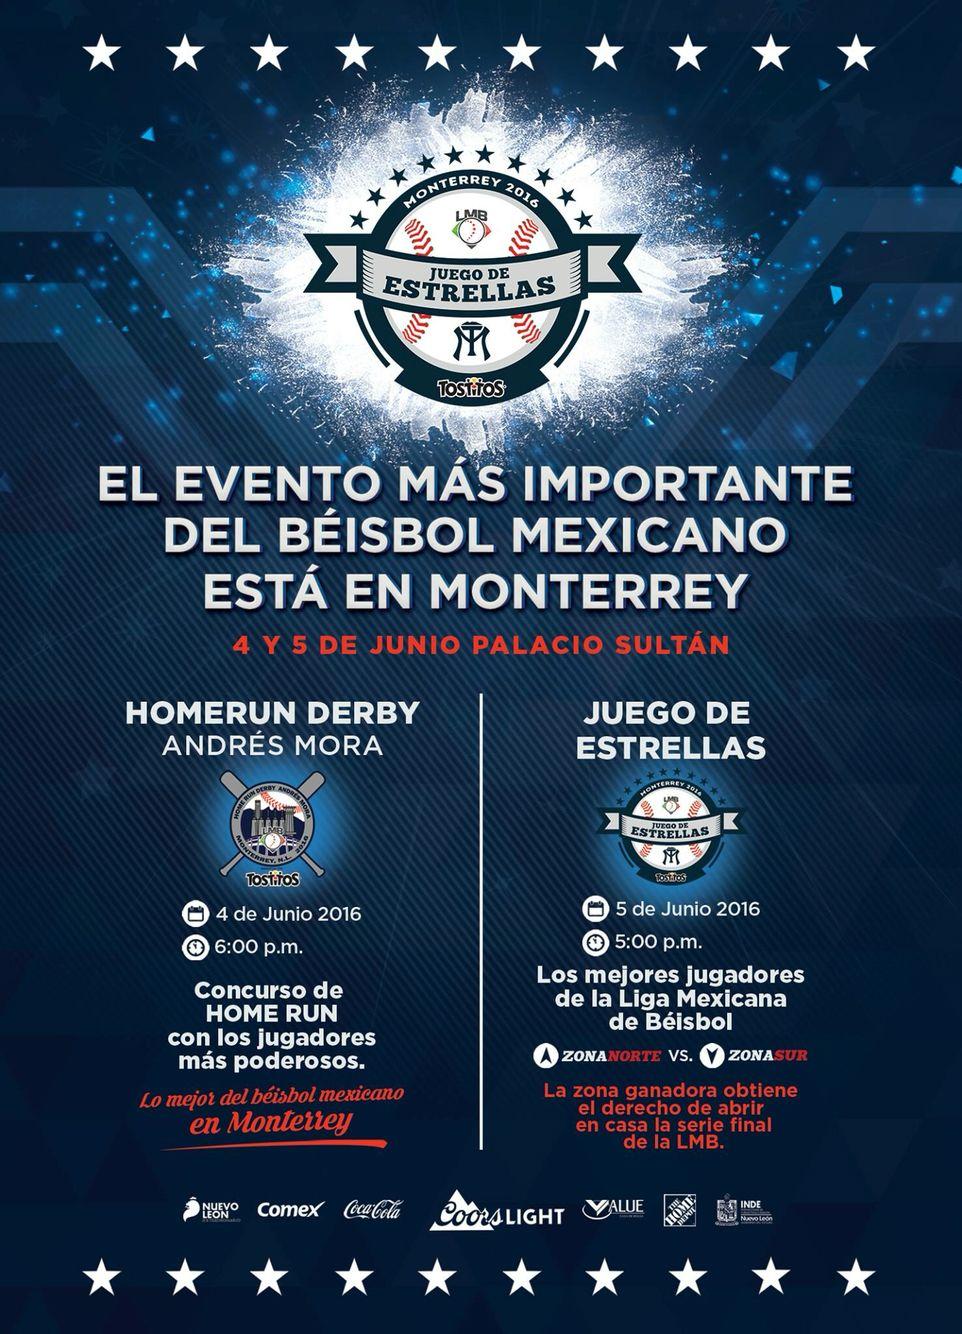 Este 4 Y 5 De Junio El Palaciosultan Esta De Fiesta Home Run Derby 6 Pm Juego De Estrellas 5 Pm Je16lmb Derby Estrellas Beisbol Mexicano